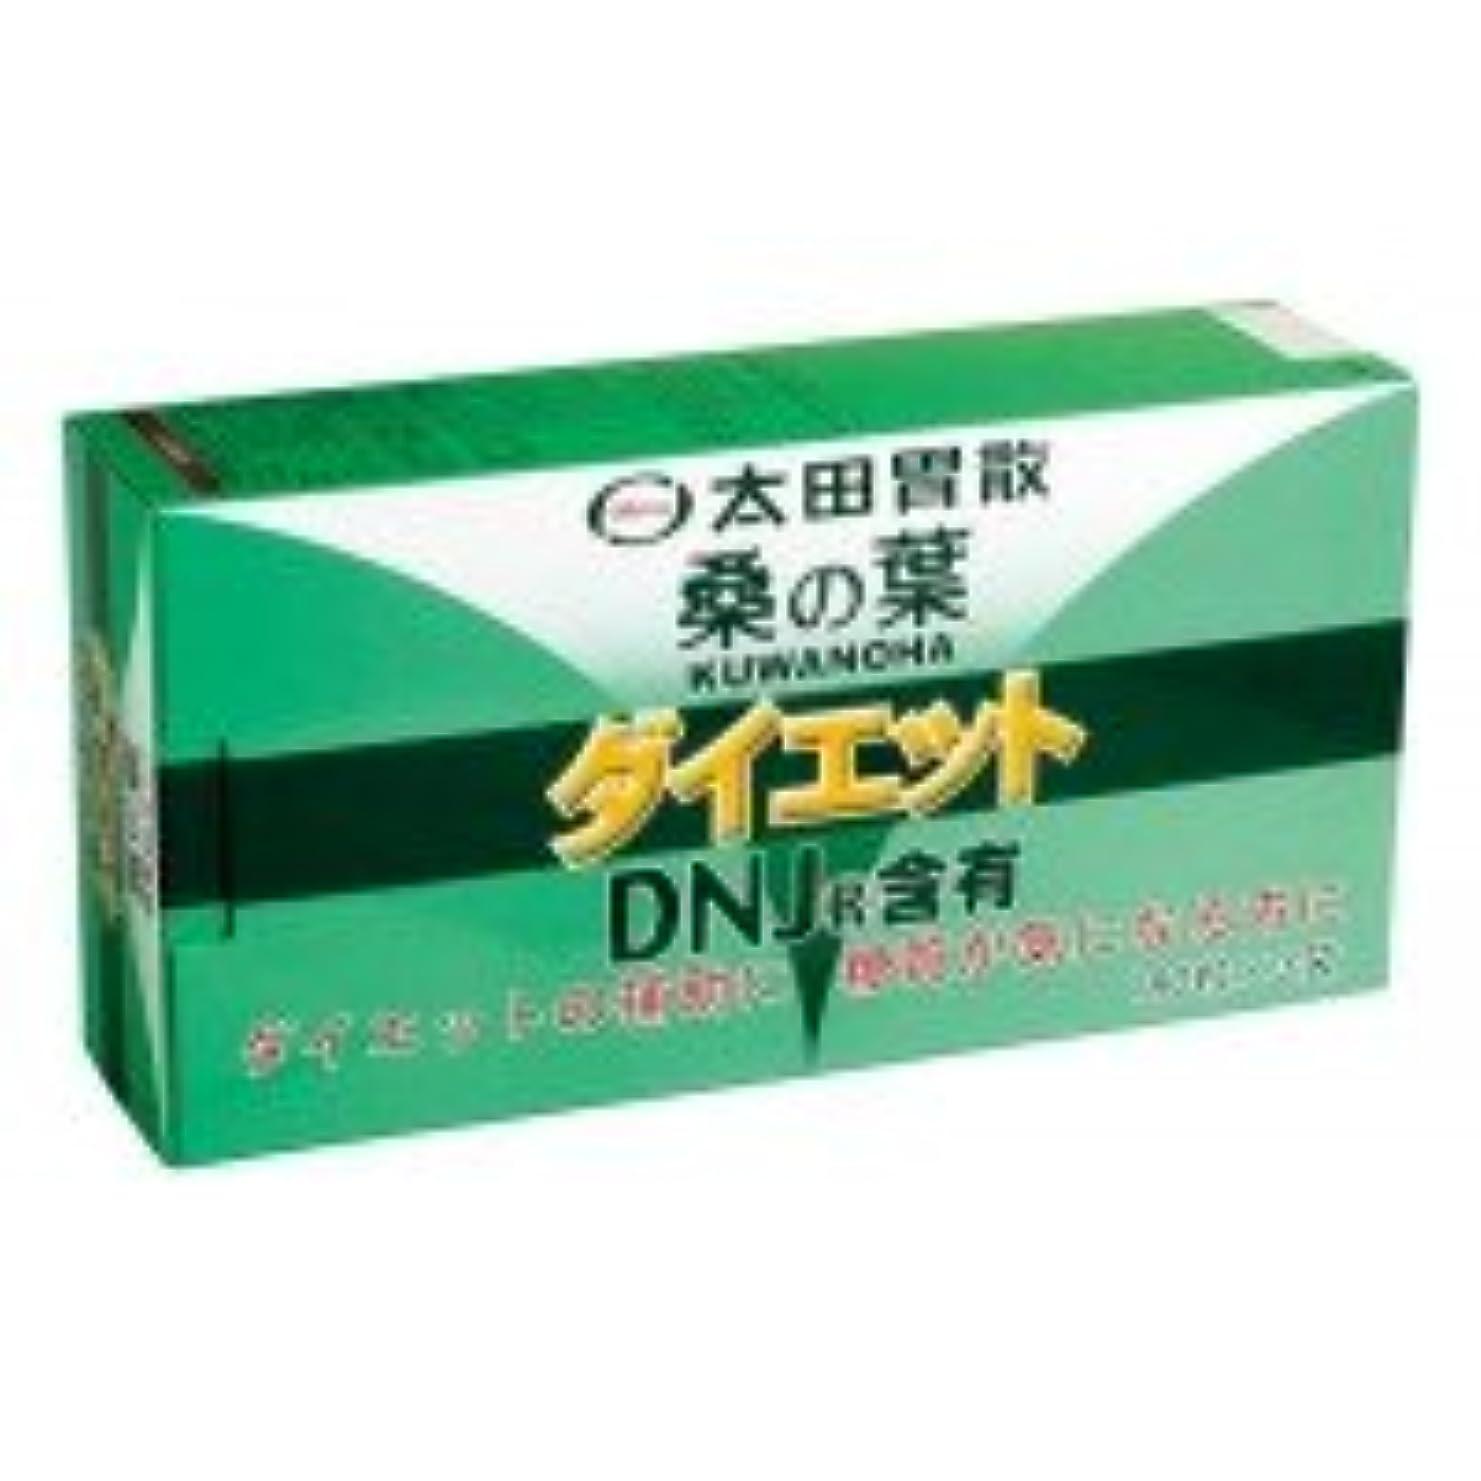 グリップセミナー型太田胃散 桑の葉ダイエット 540粒